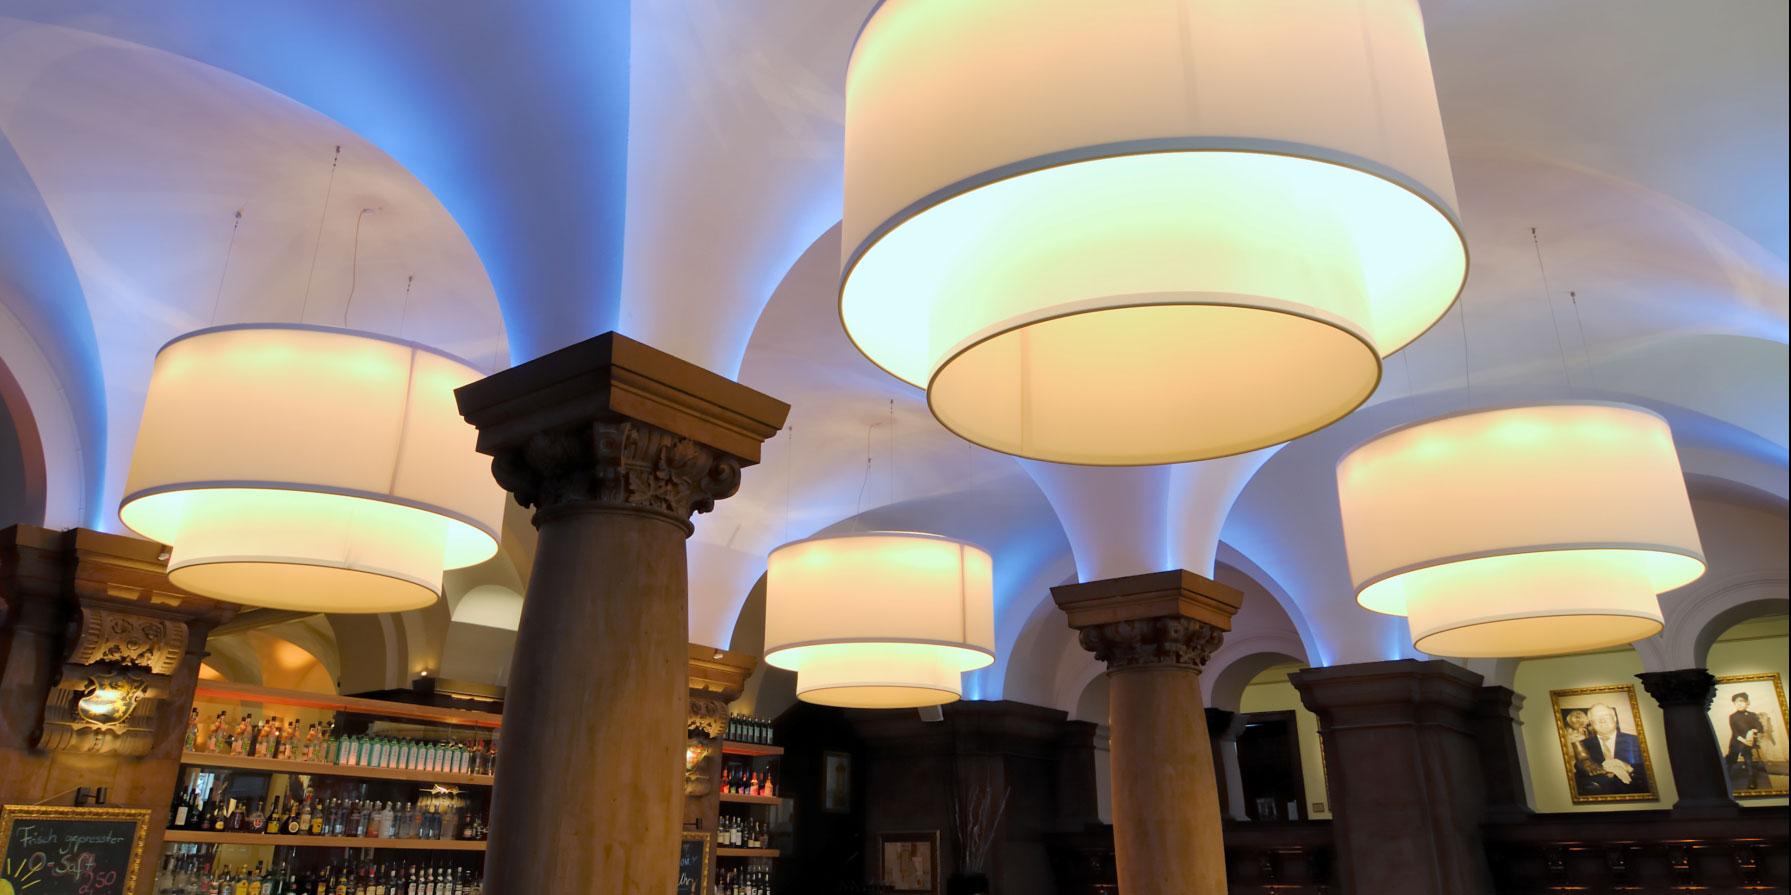 notholt lighting design cultural heritage. Black Bedroom Furniture Sets. Home Design Ideas